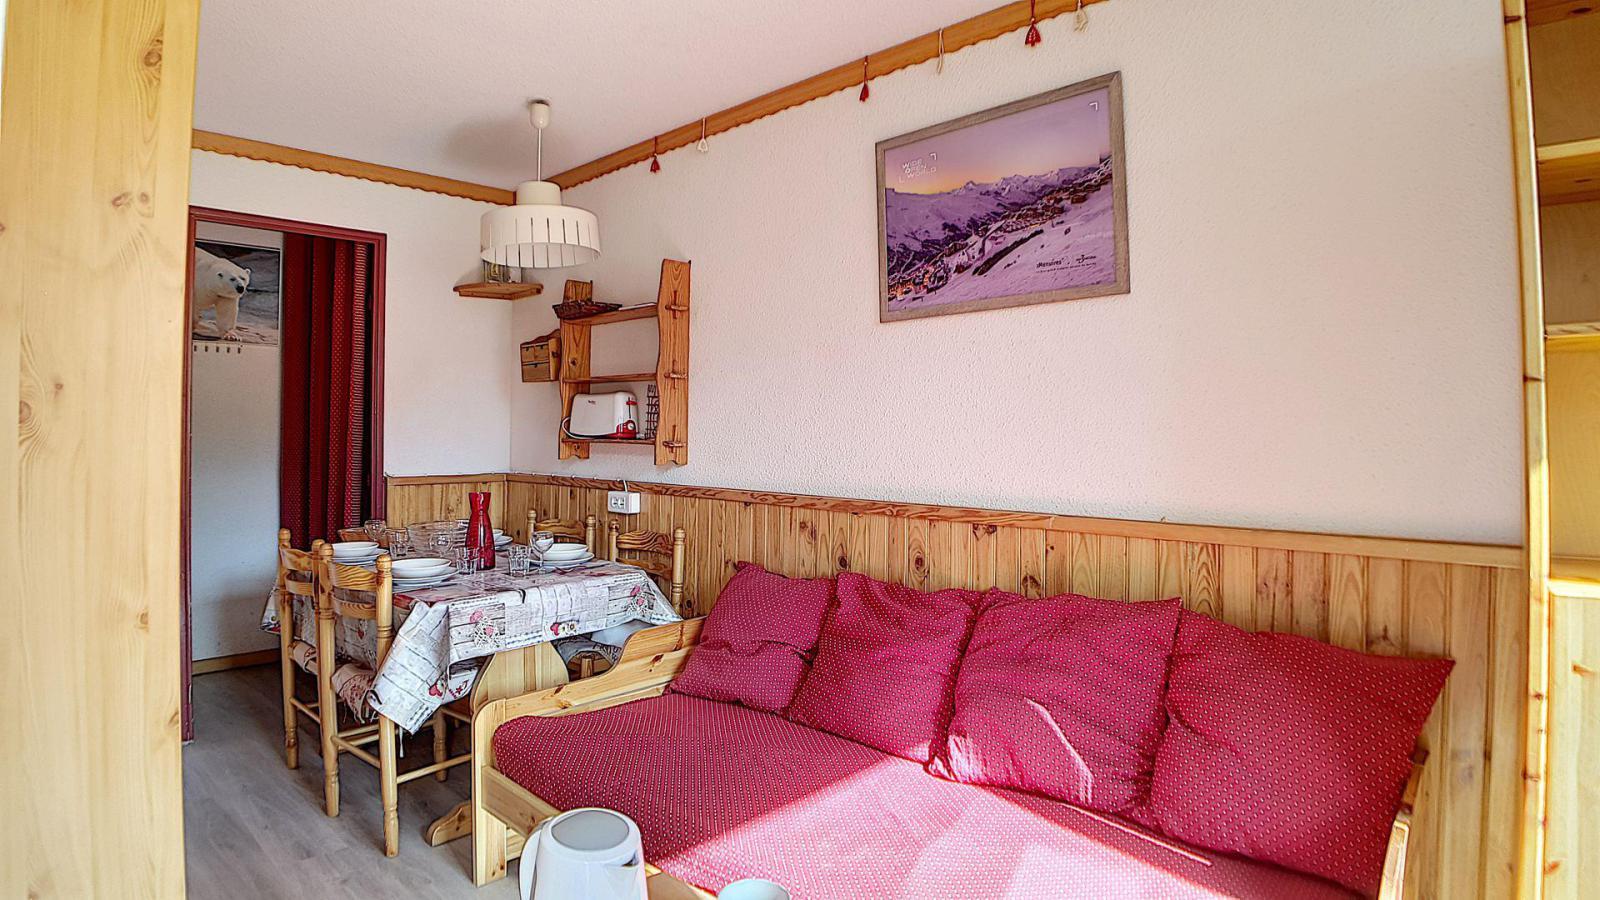 Location au ski Appartement 2 pièces 4 personnes (521) - Residence Le Median - Les Menuires - Extérieur hiver